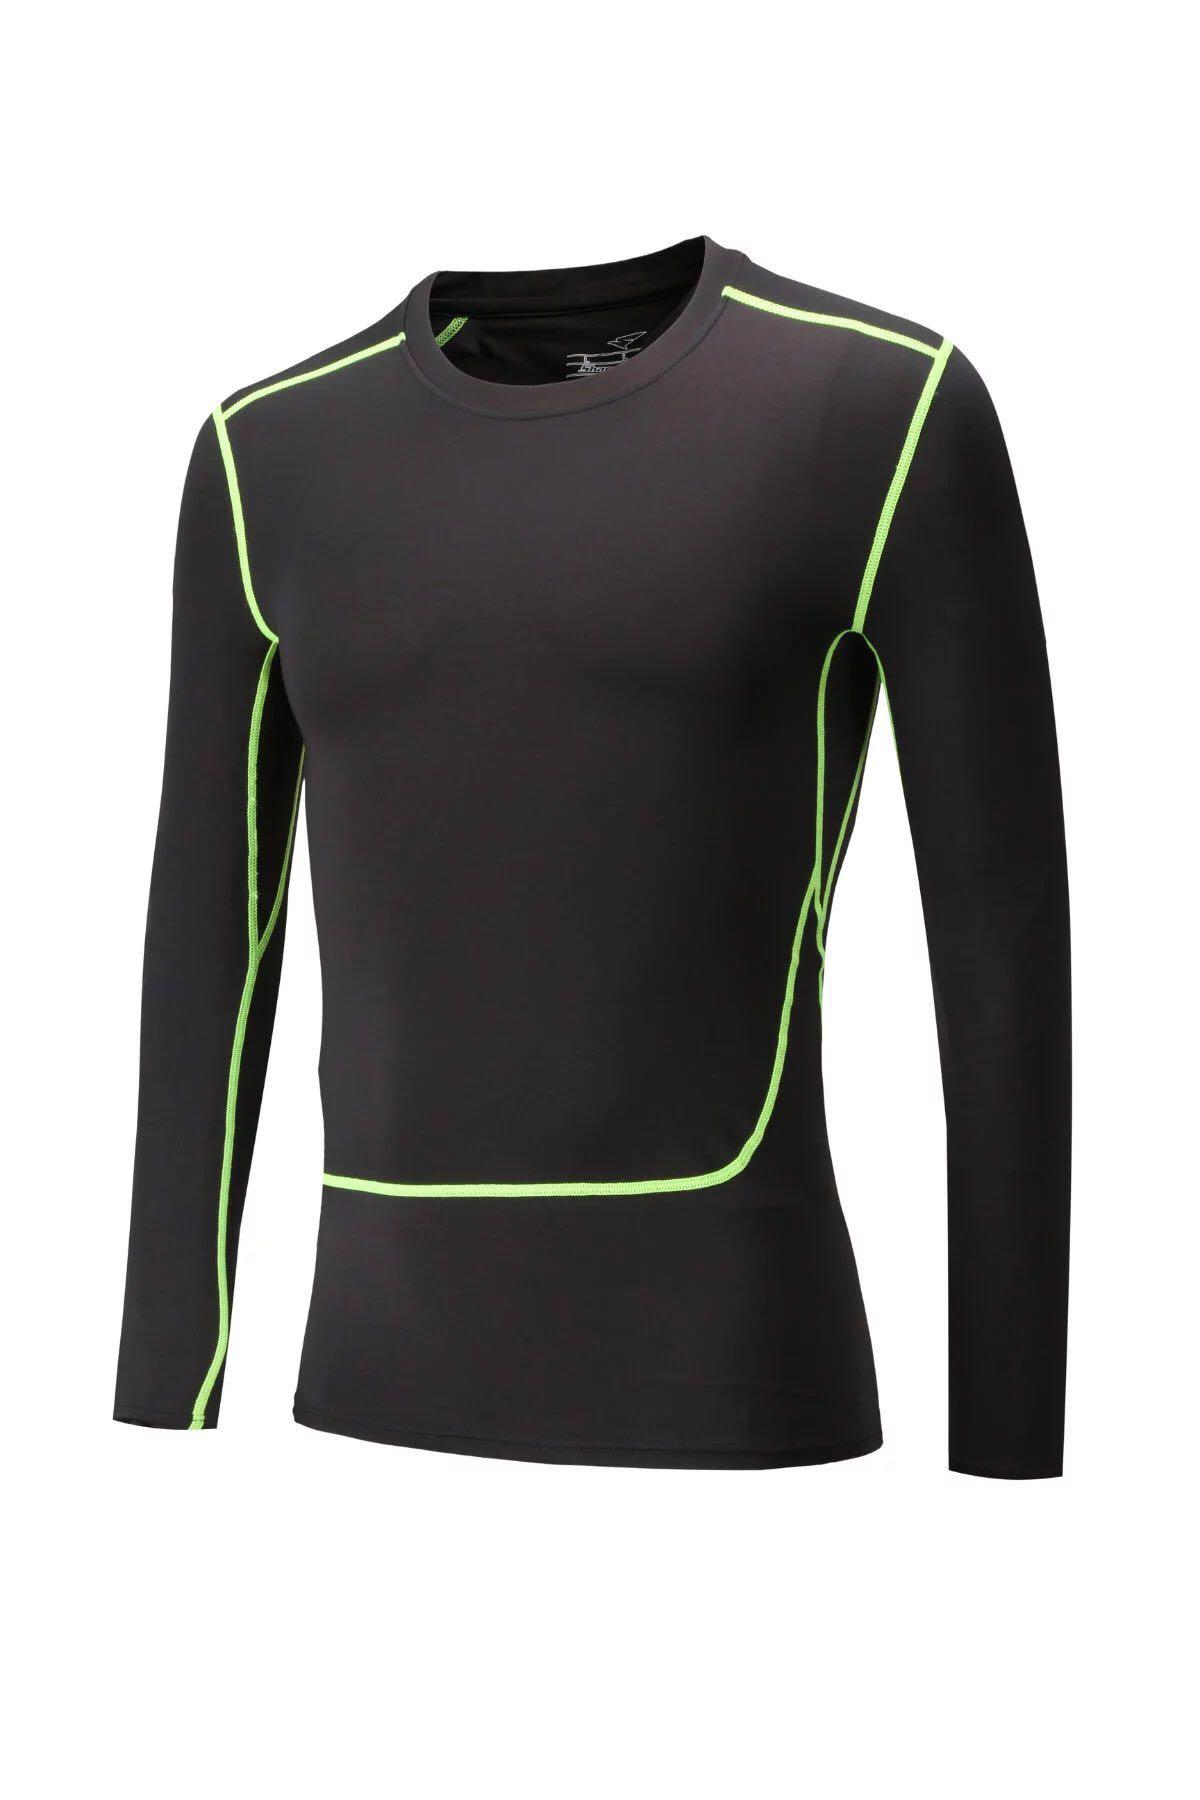 正品[运动服 女 长袖]长袖运动服女套装评测 运